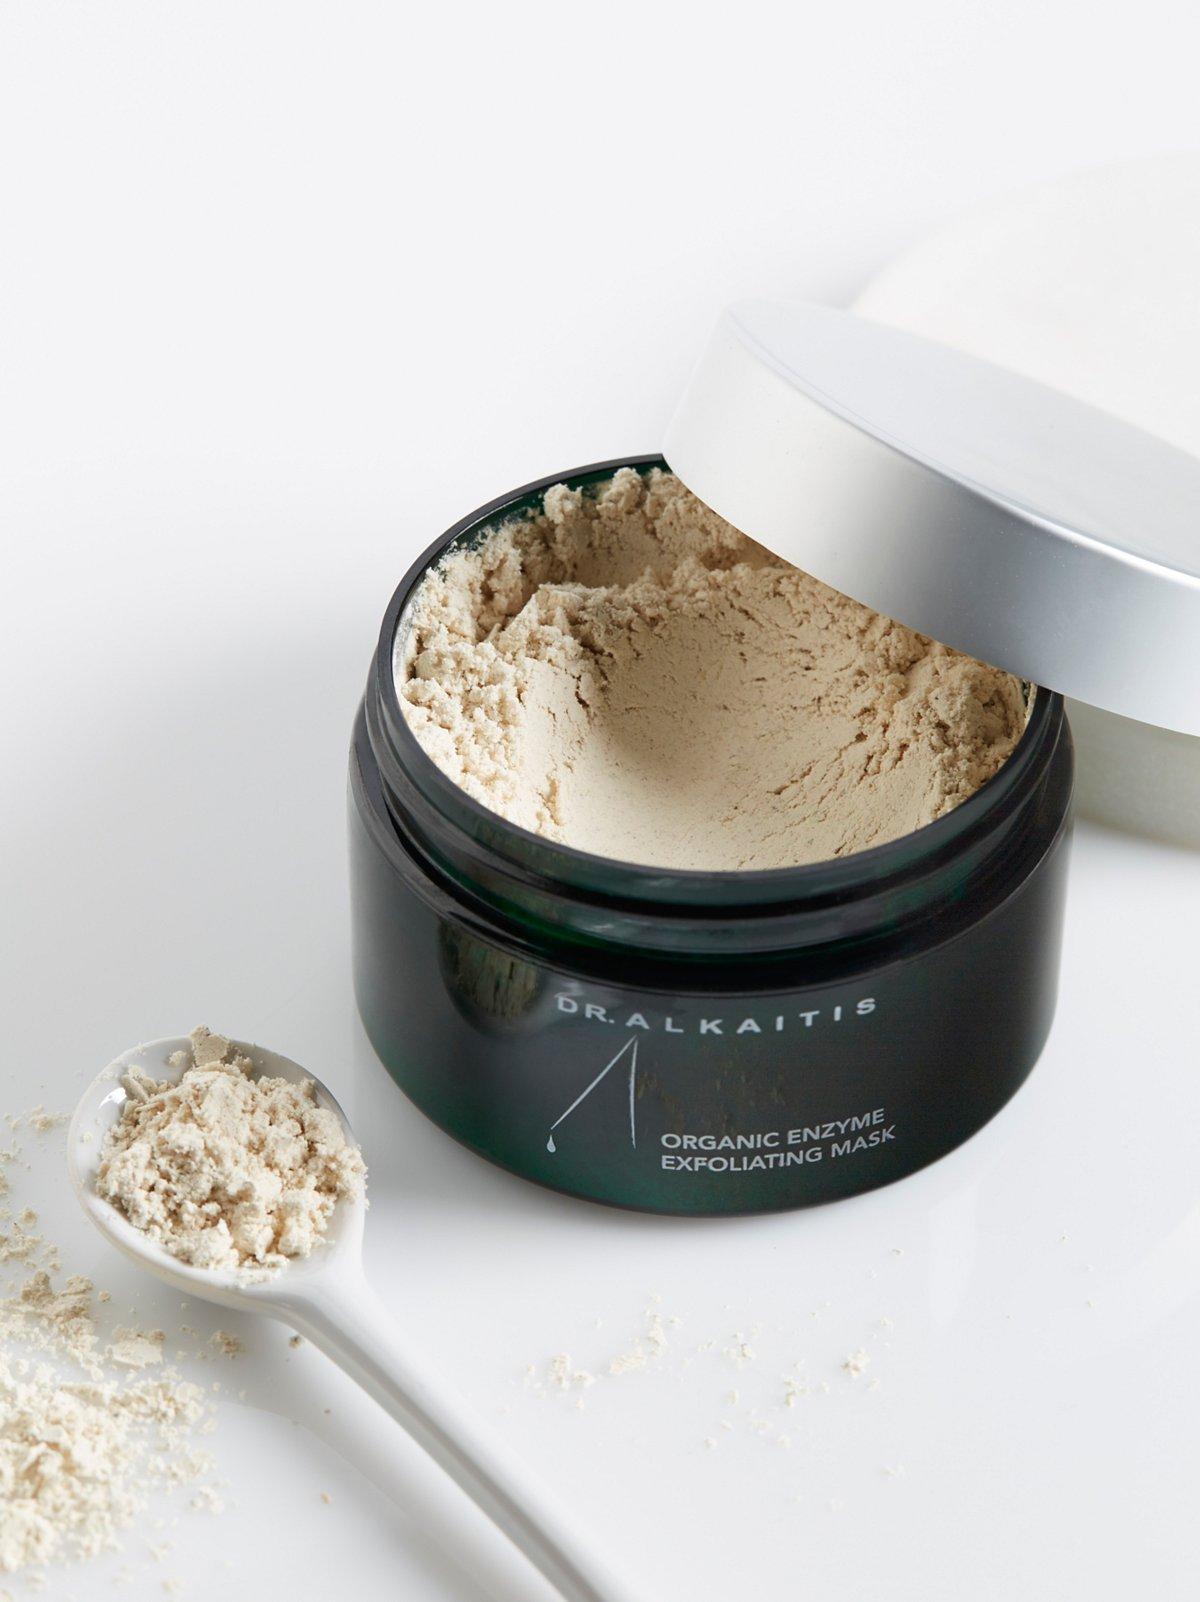 Organic Enzyme Exfoliating Mask